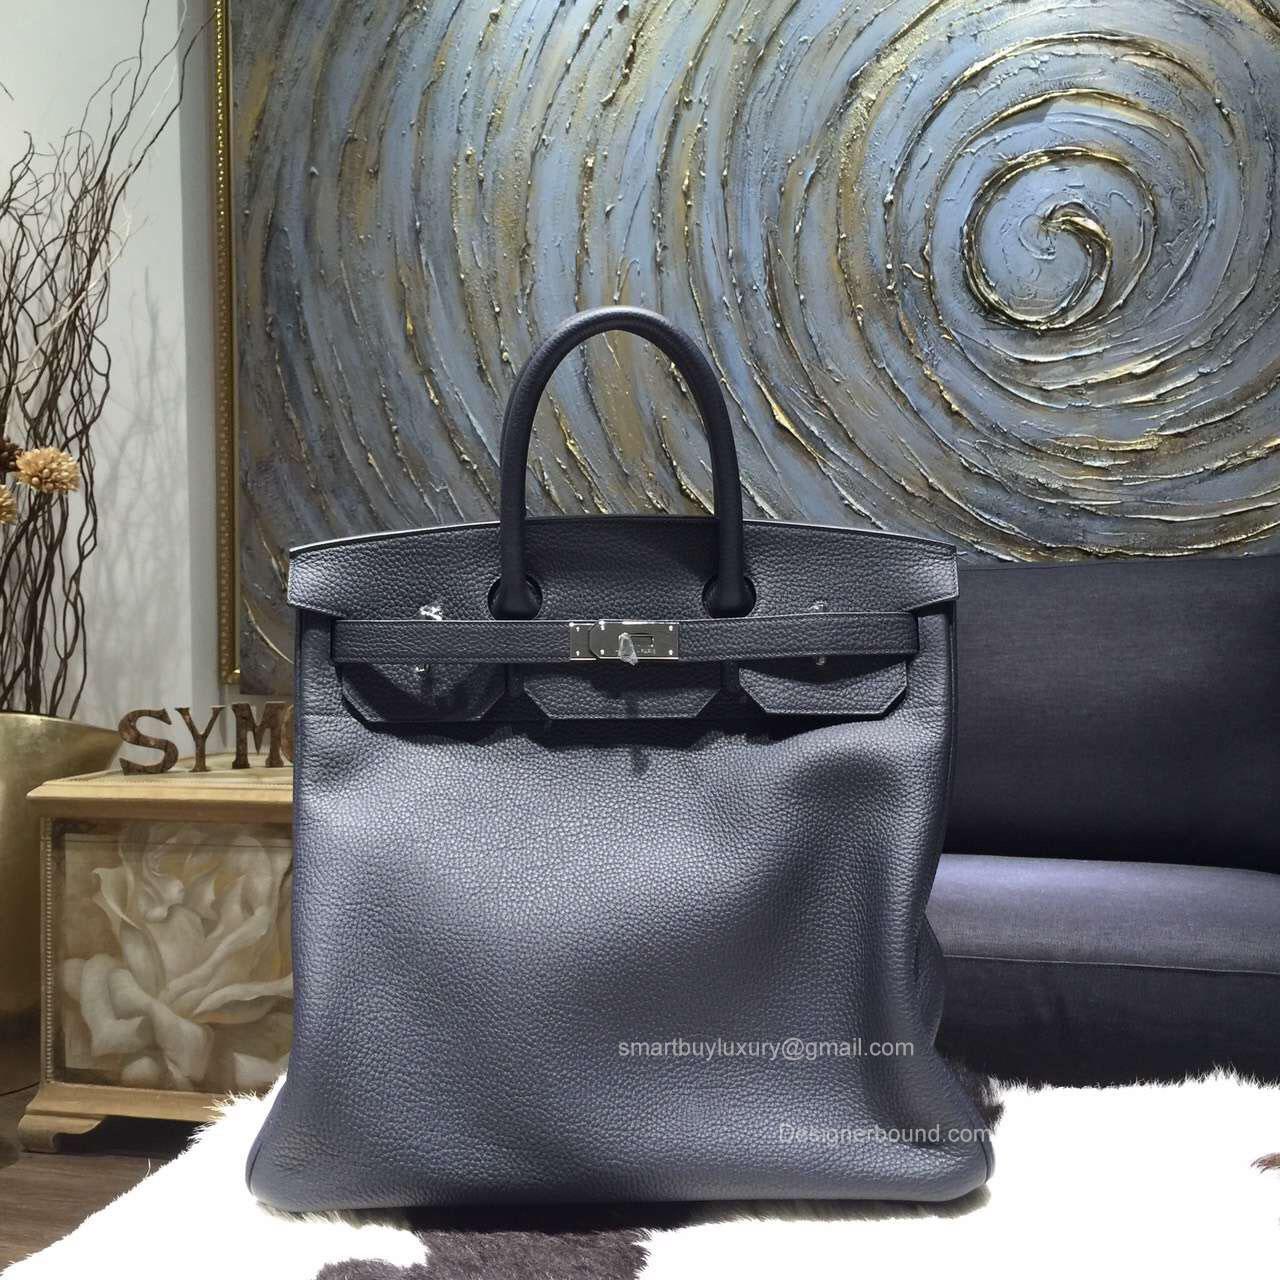 981baa2ec8f Hermes Birkin Hac 40 Bag Blue Indigo ck76 Togo Leather Handstitched Silver  hw